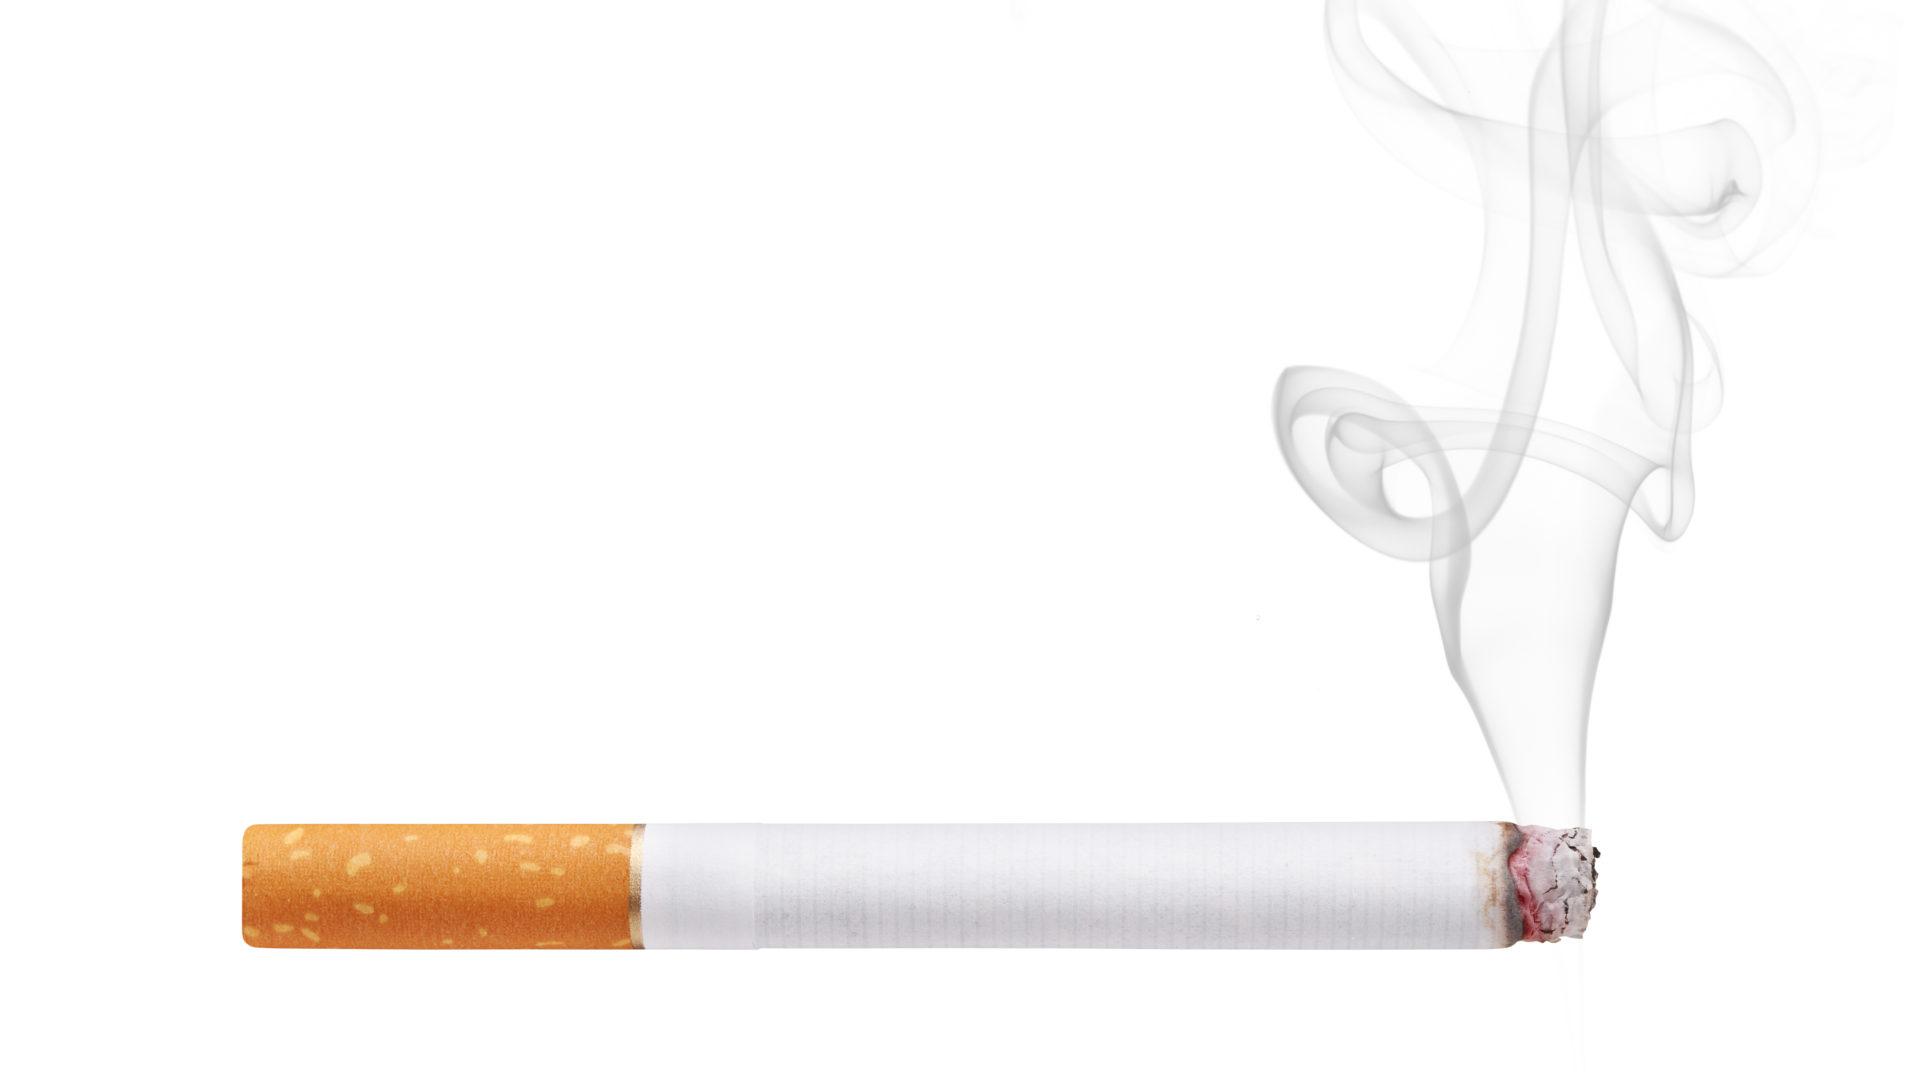 Tupakoinnin ostoikäraja saa nousta, tätä mieltä ovat suomalaiset.